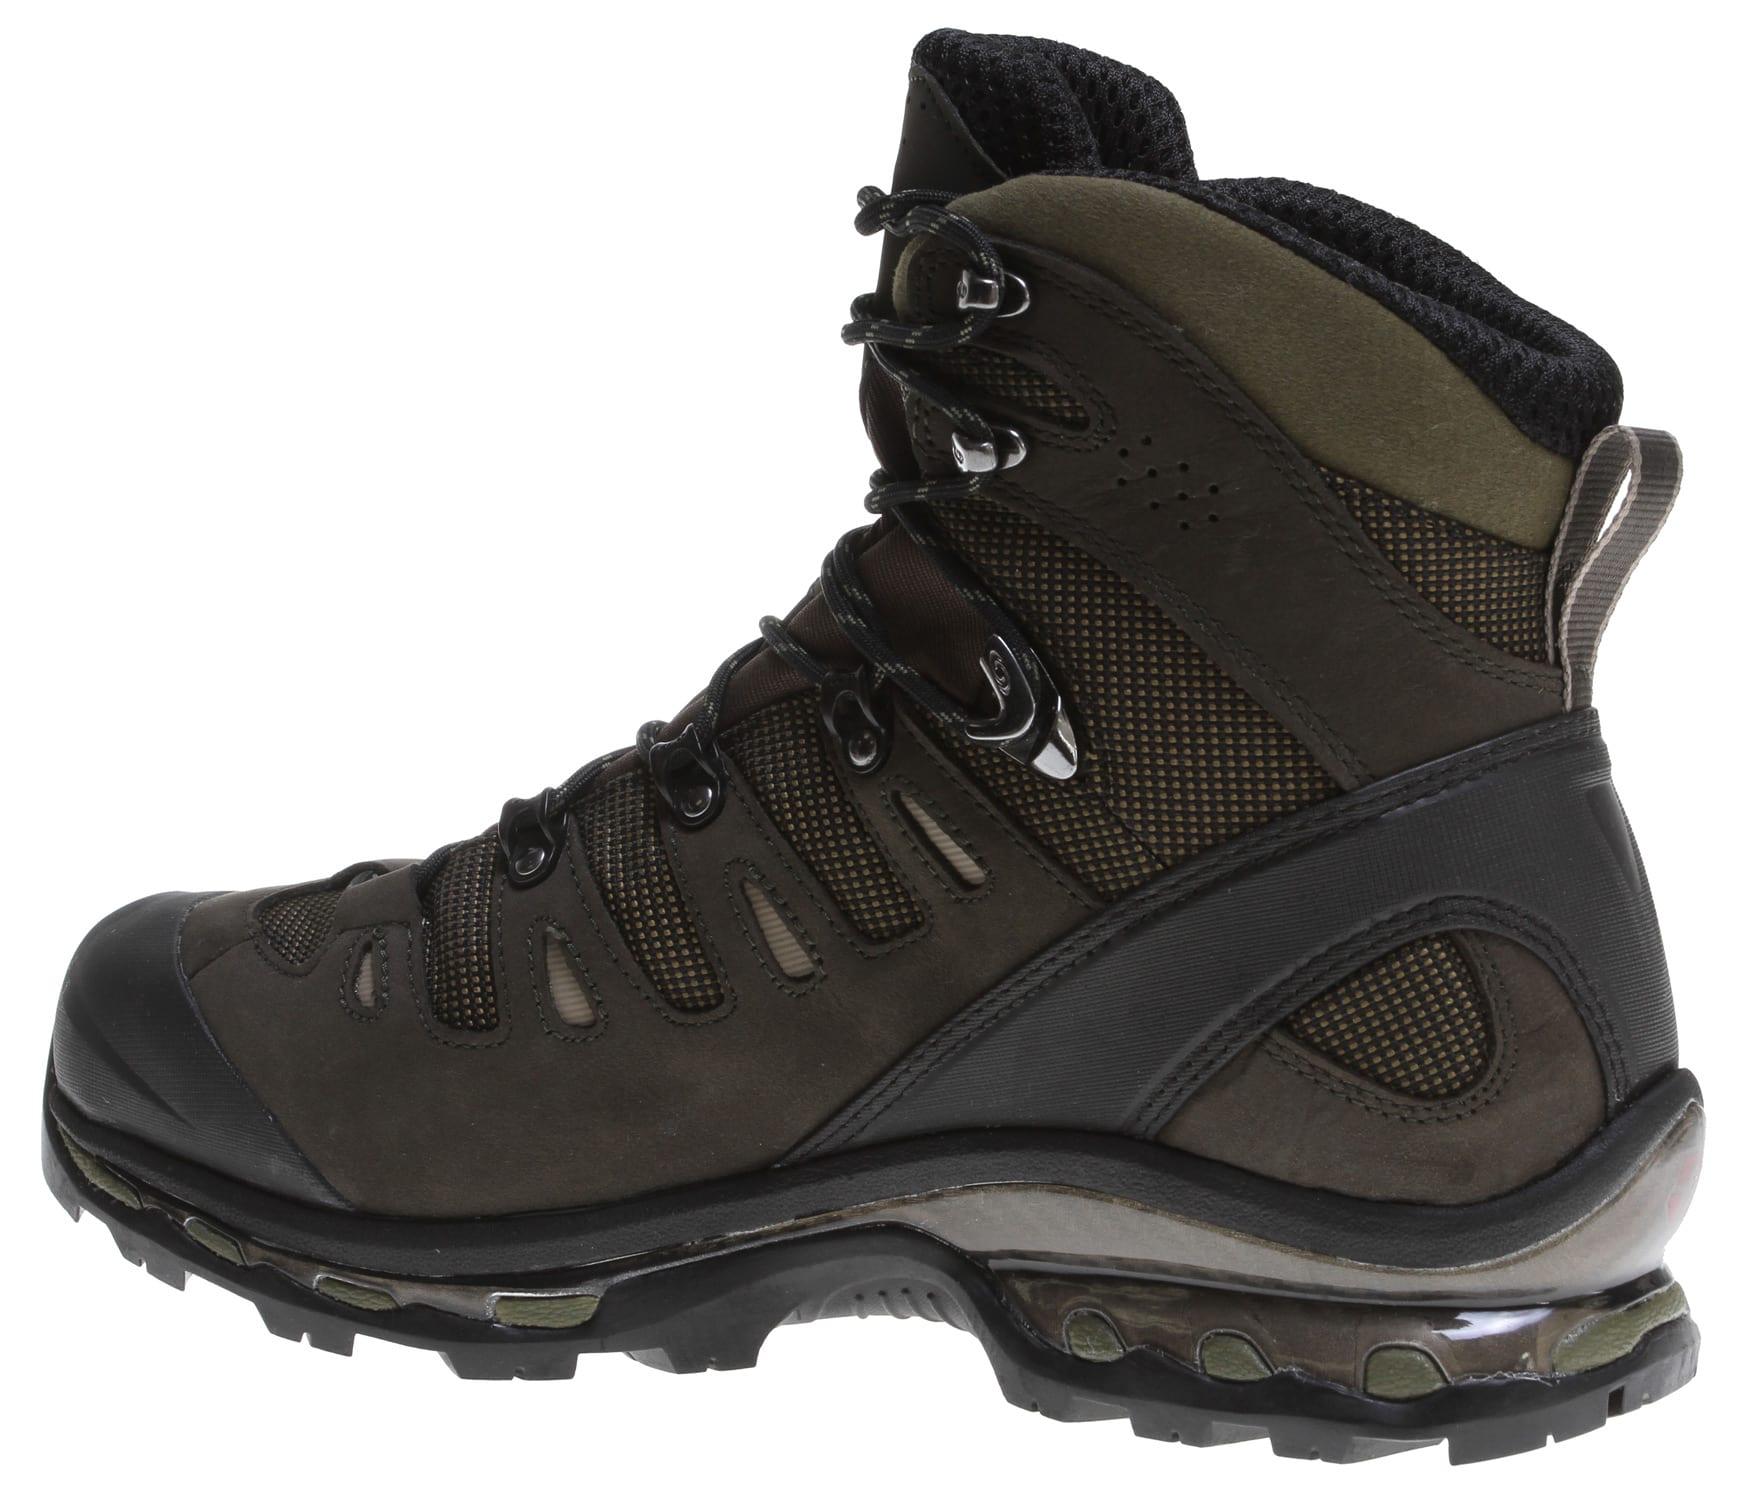 Salomon Quest 4d Gtx Hiking Boots